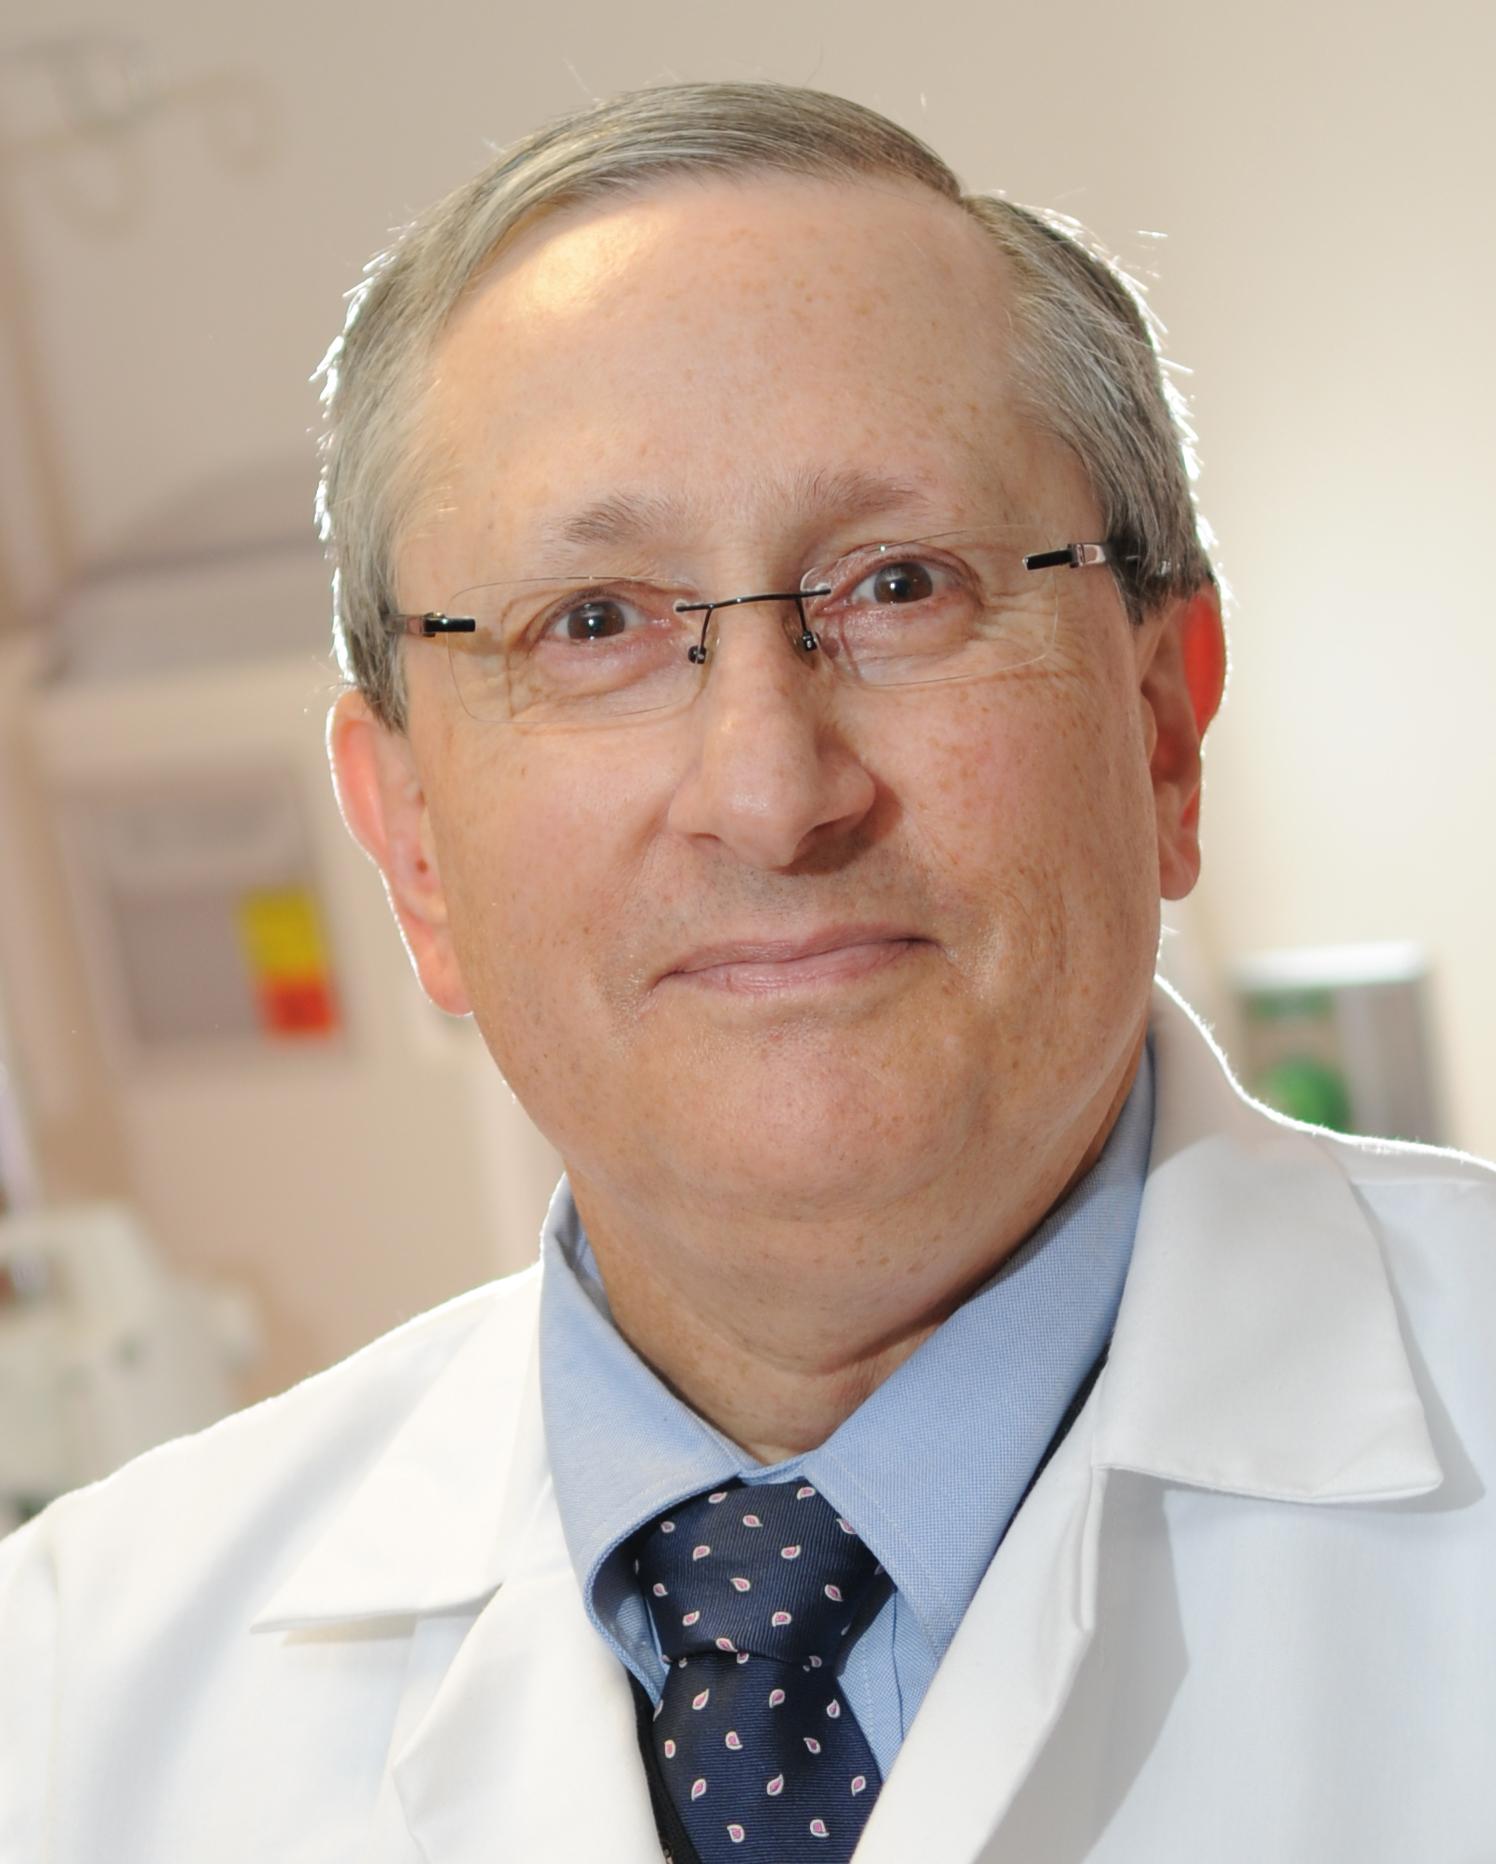 Meyer Heyman, MD